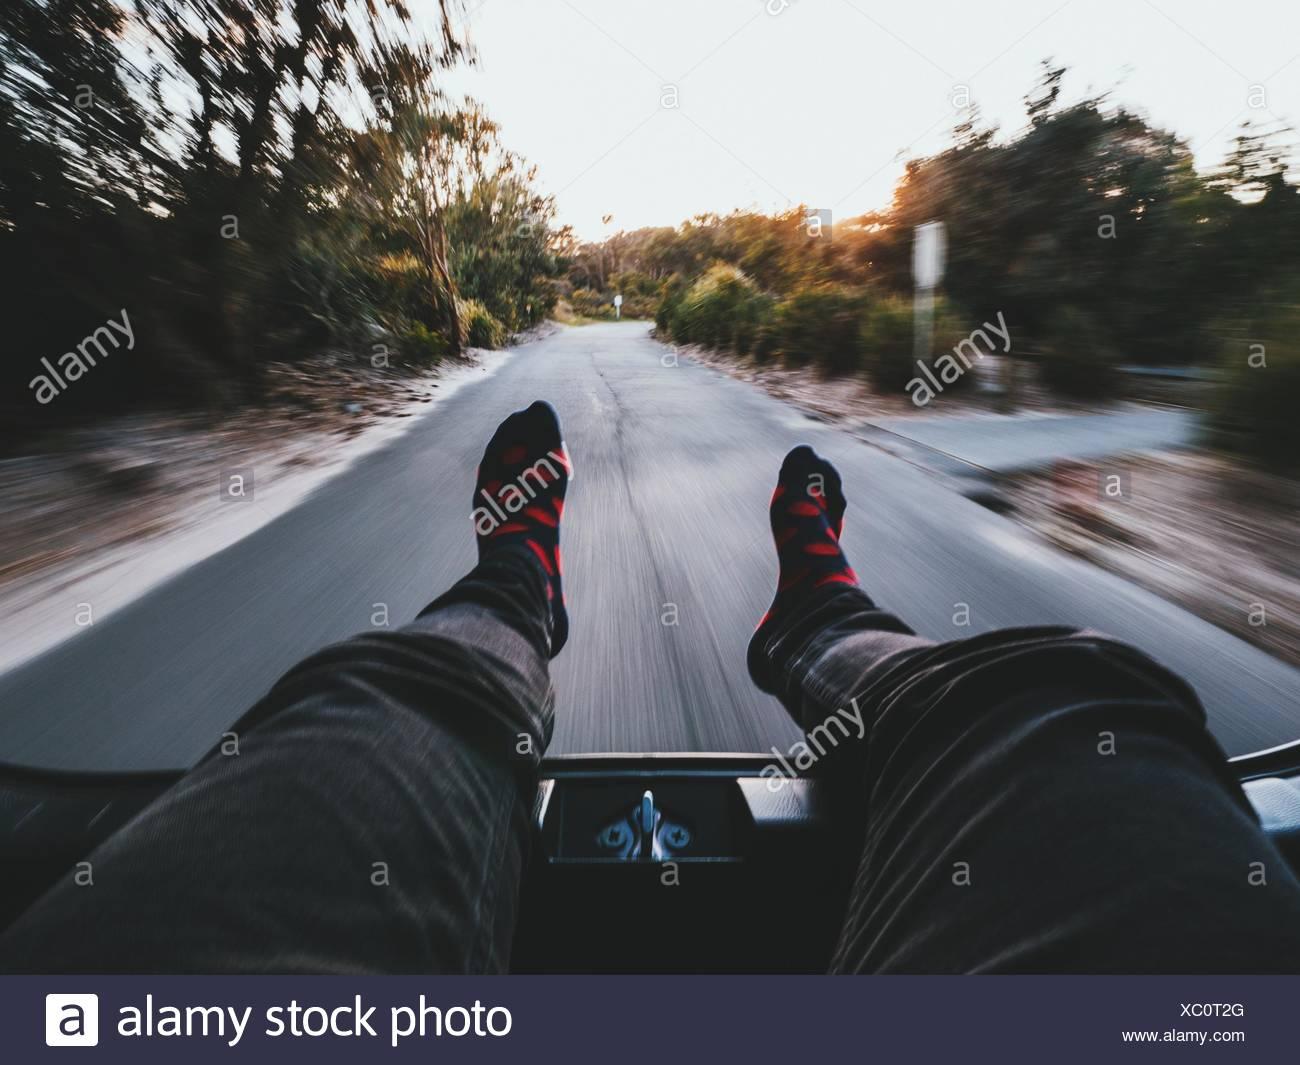 Niedrige Teil der Person Entspannung In Bewegung Auto unterwegs Stockbild